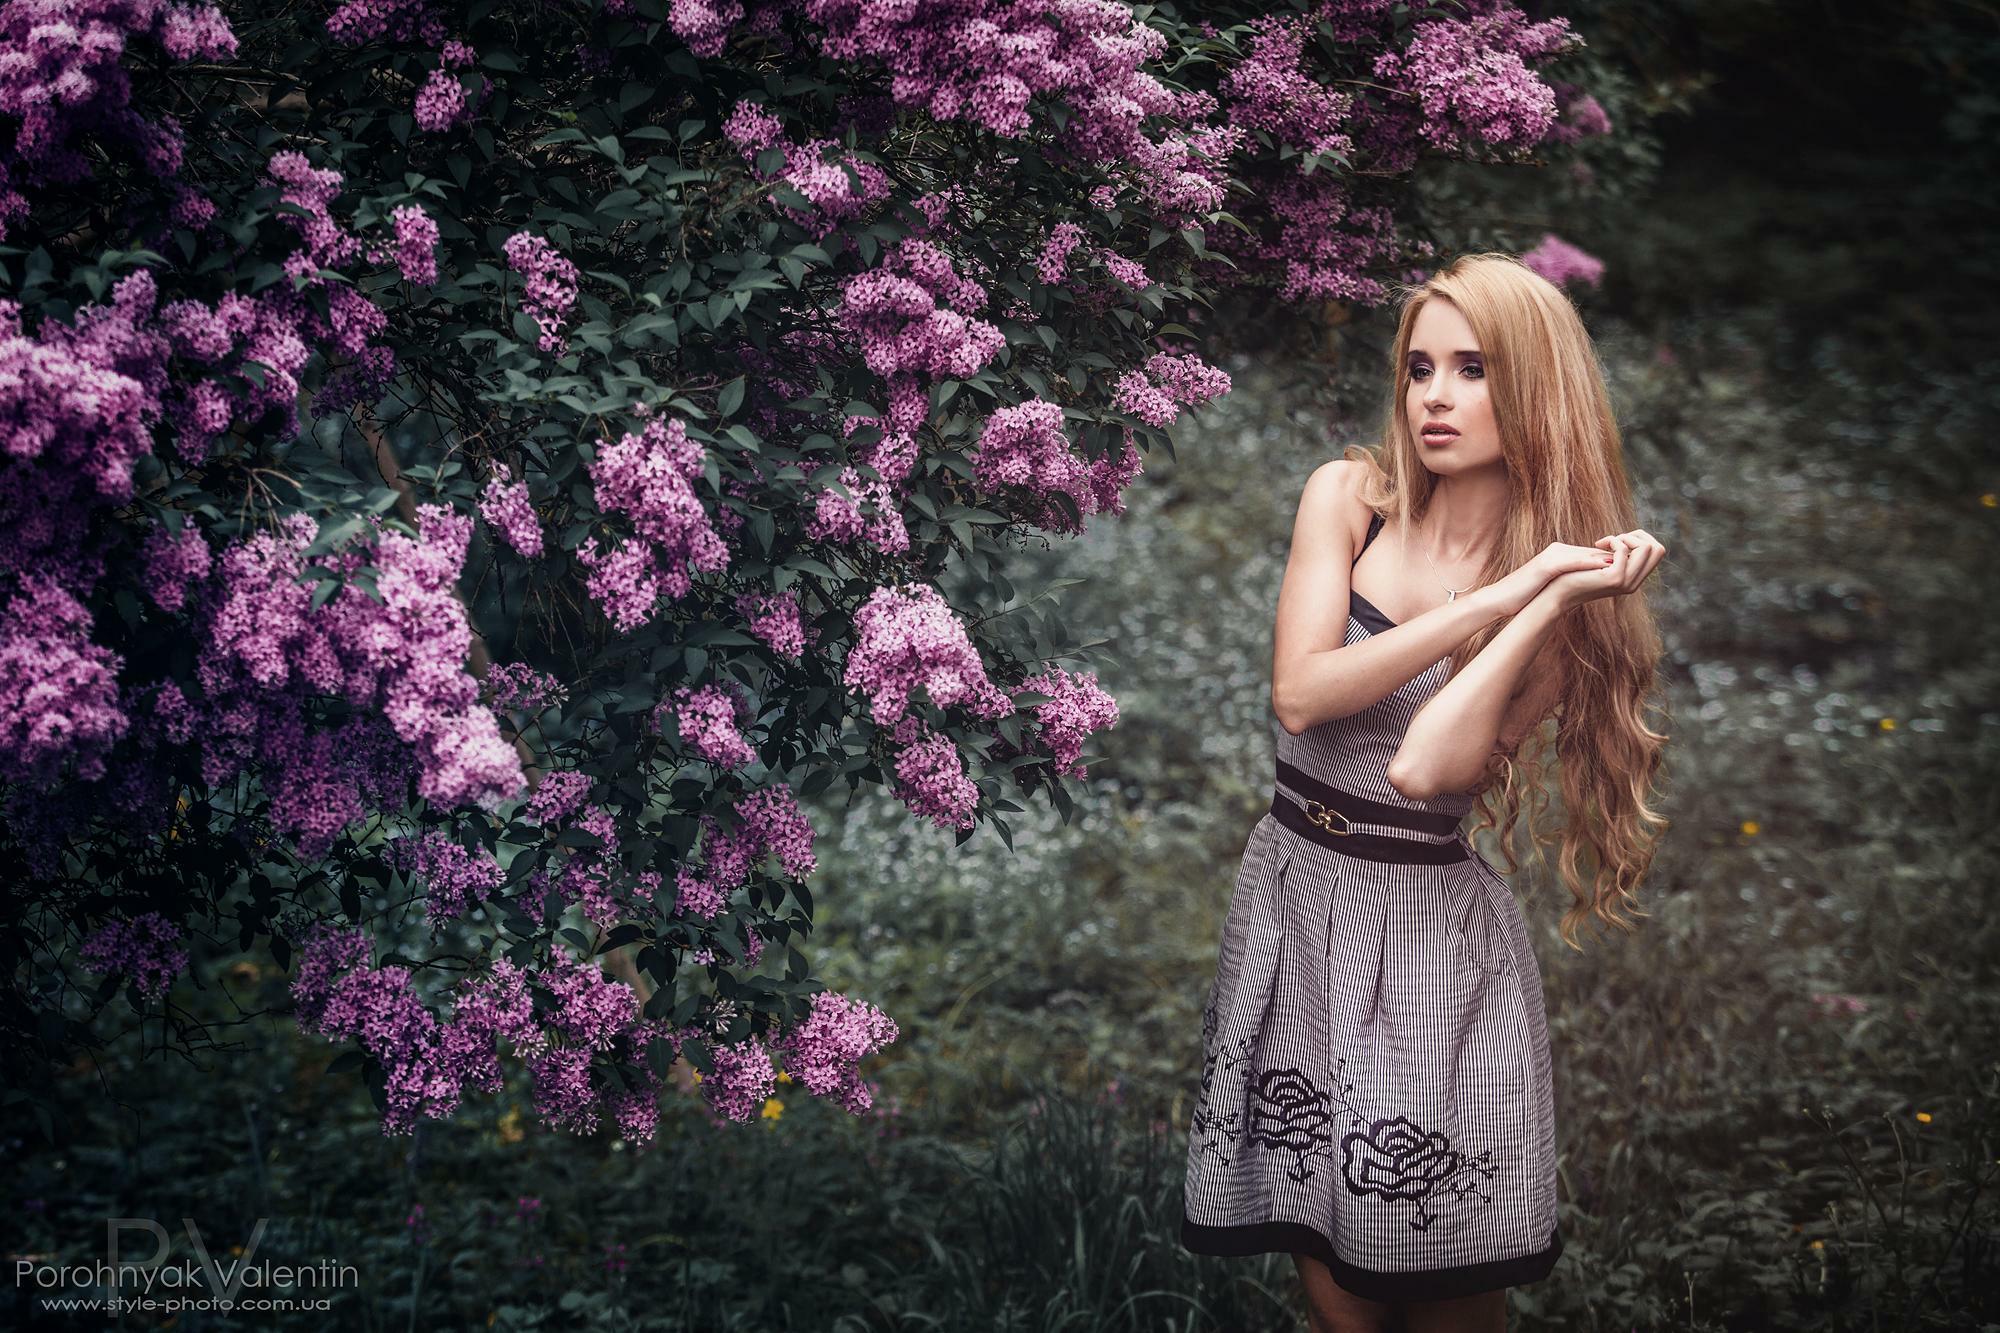 Фото из кустов молодых девушек 21 фотография